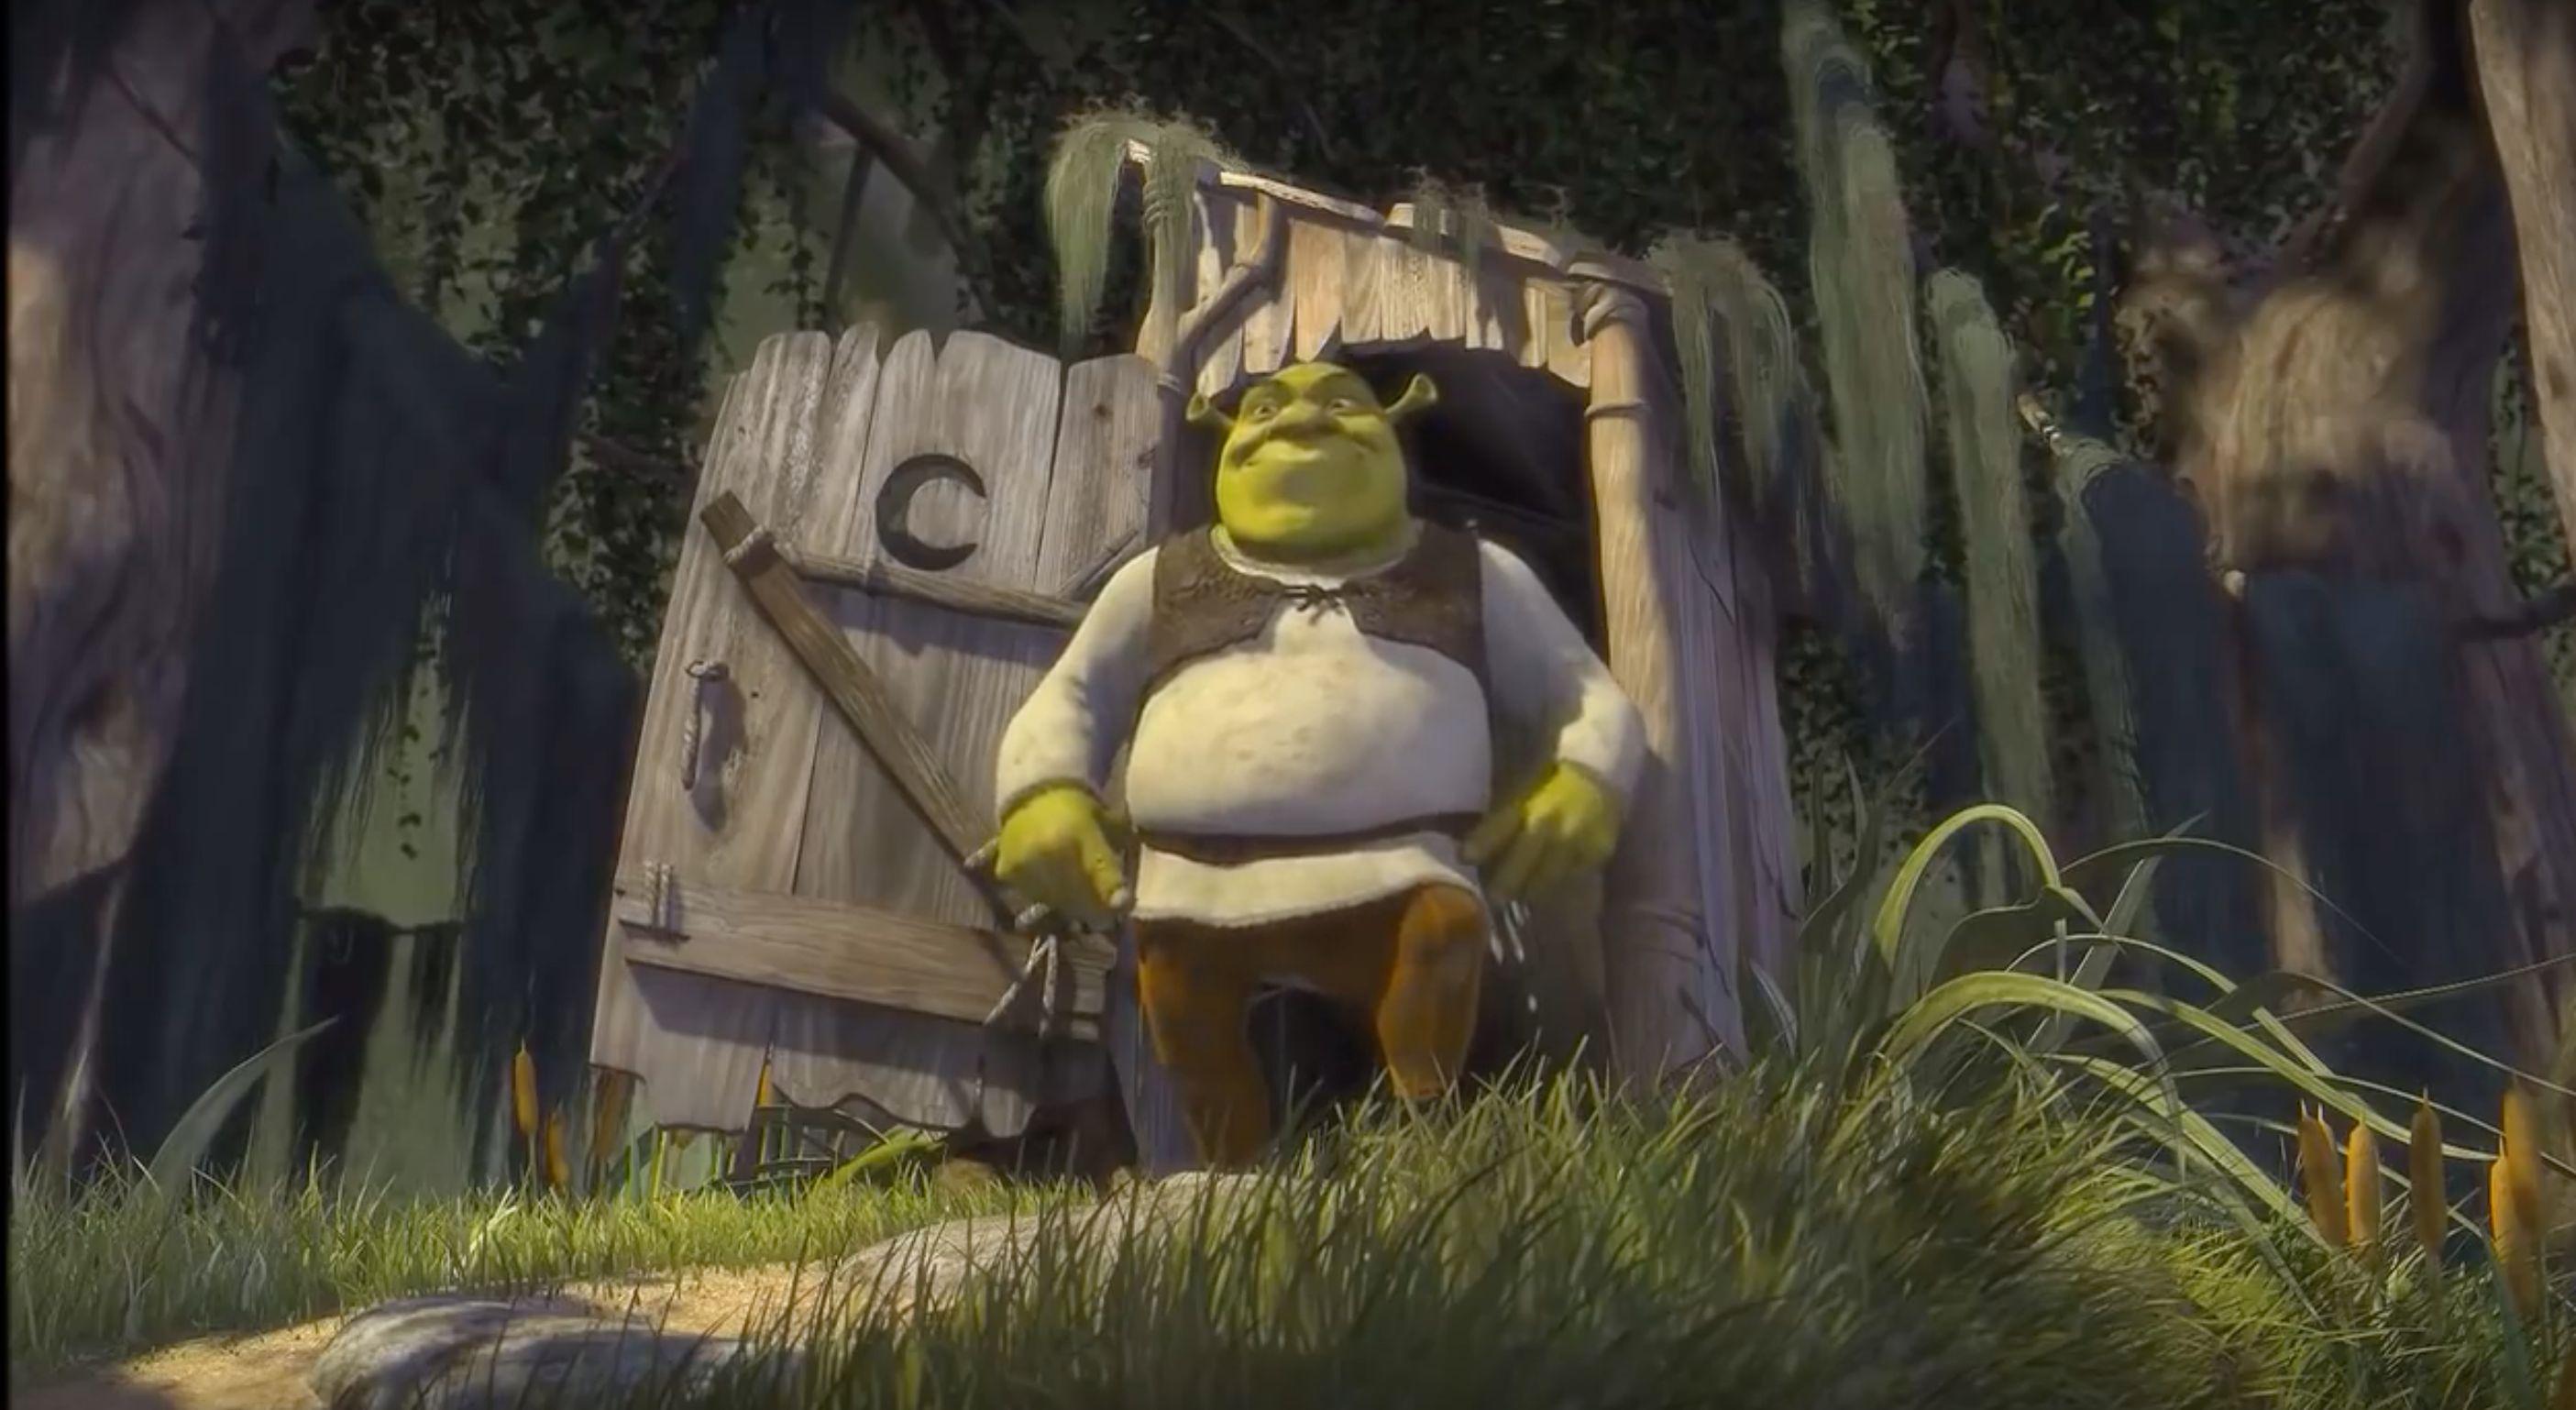 There's A Heartbreaking Death In 'Shrek